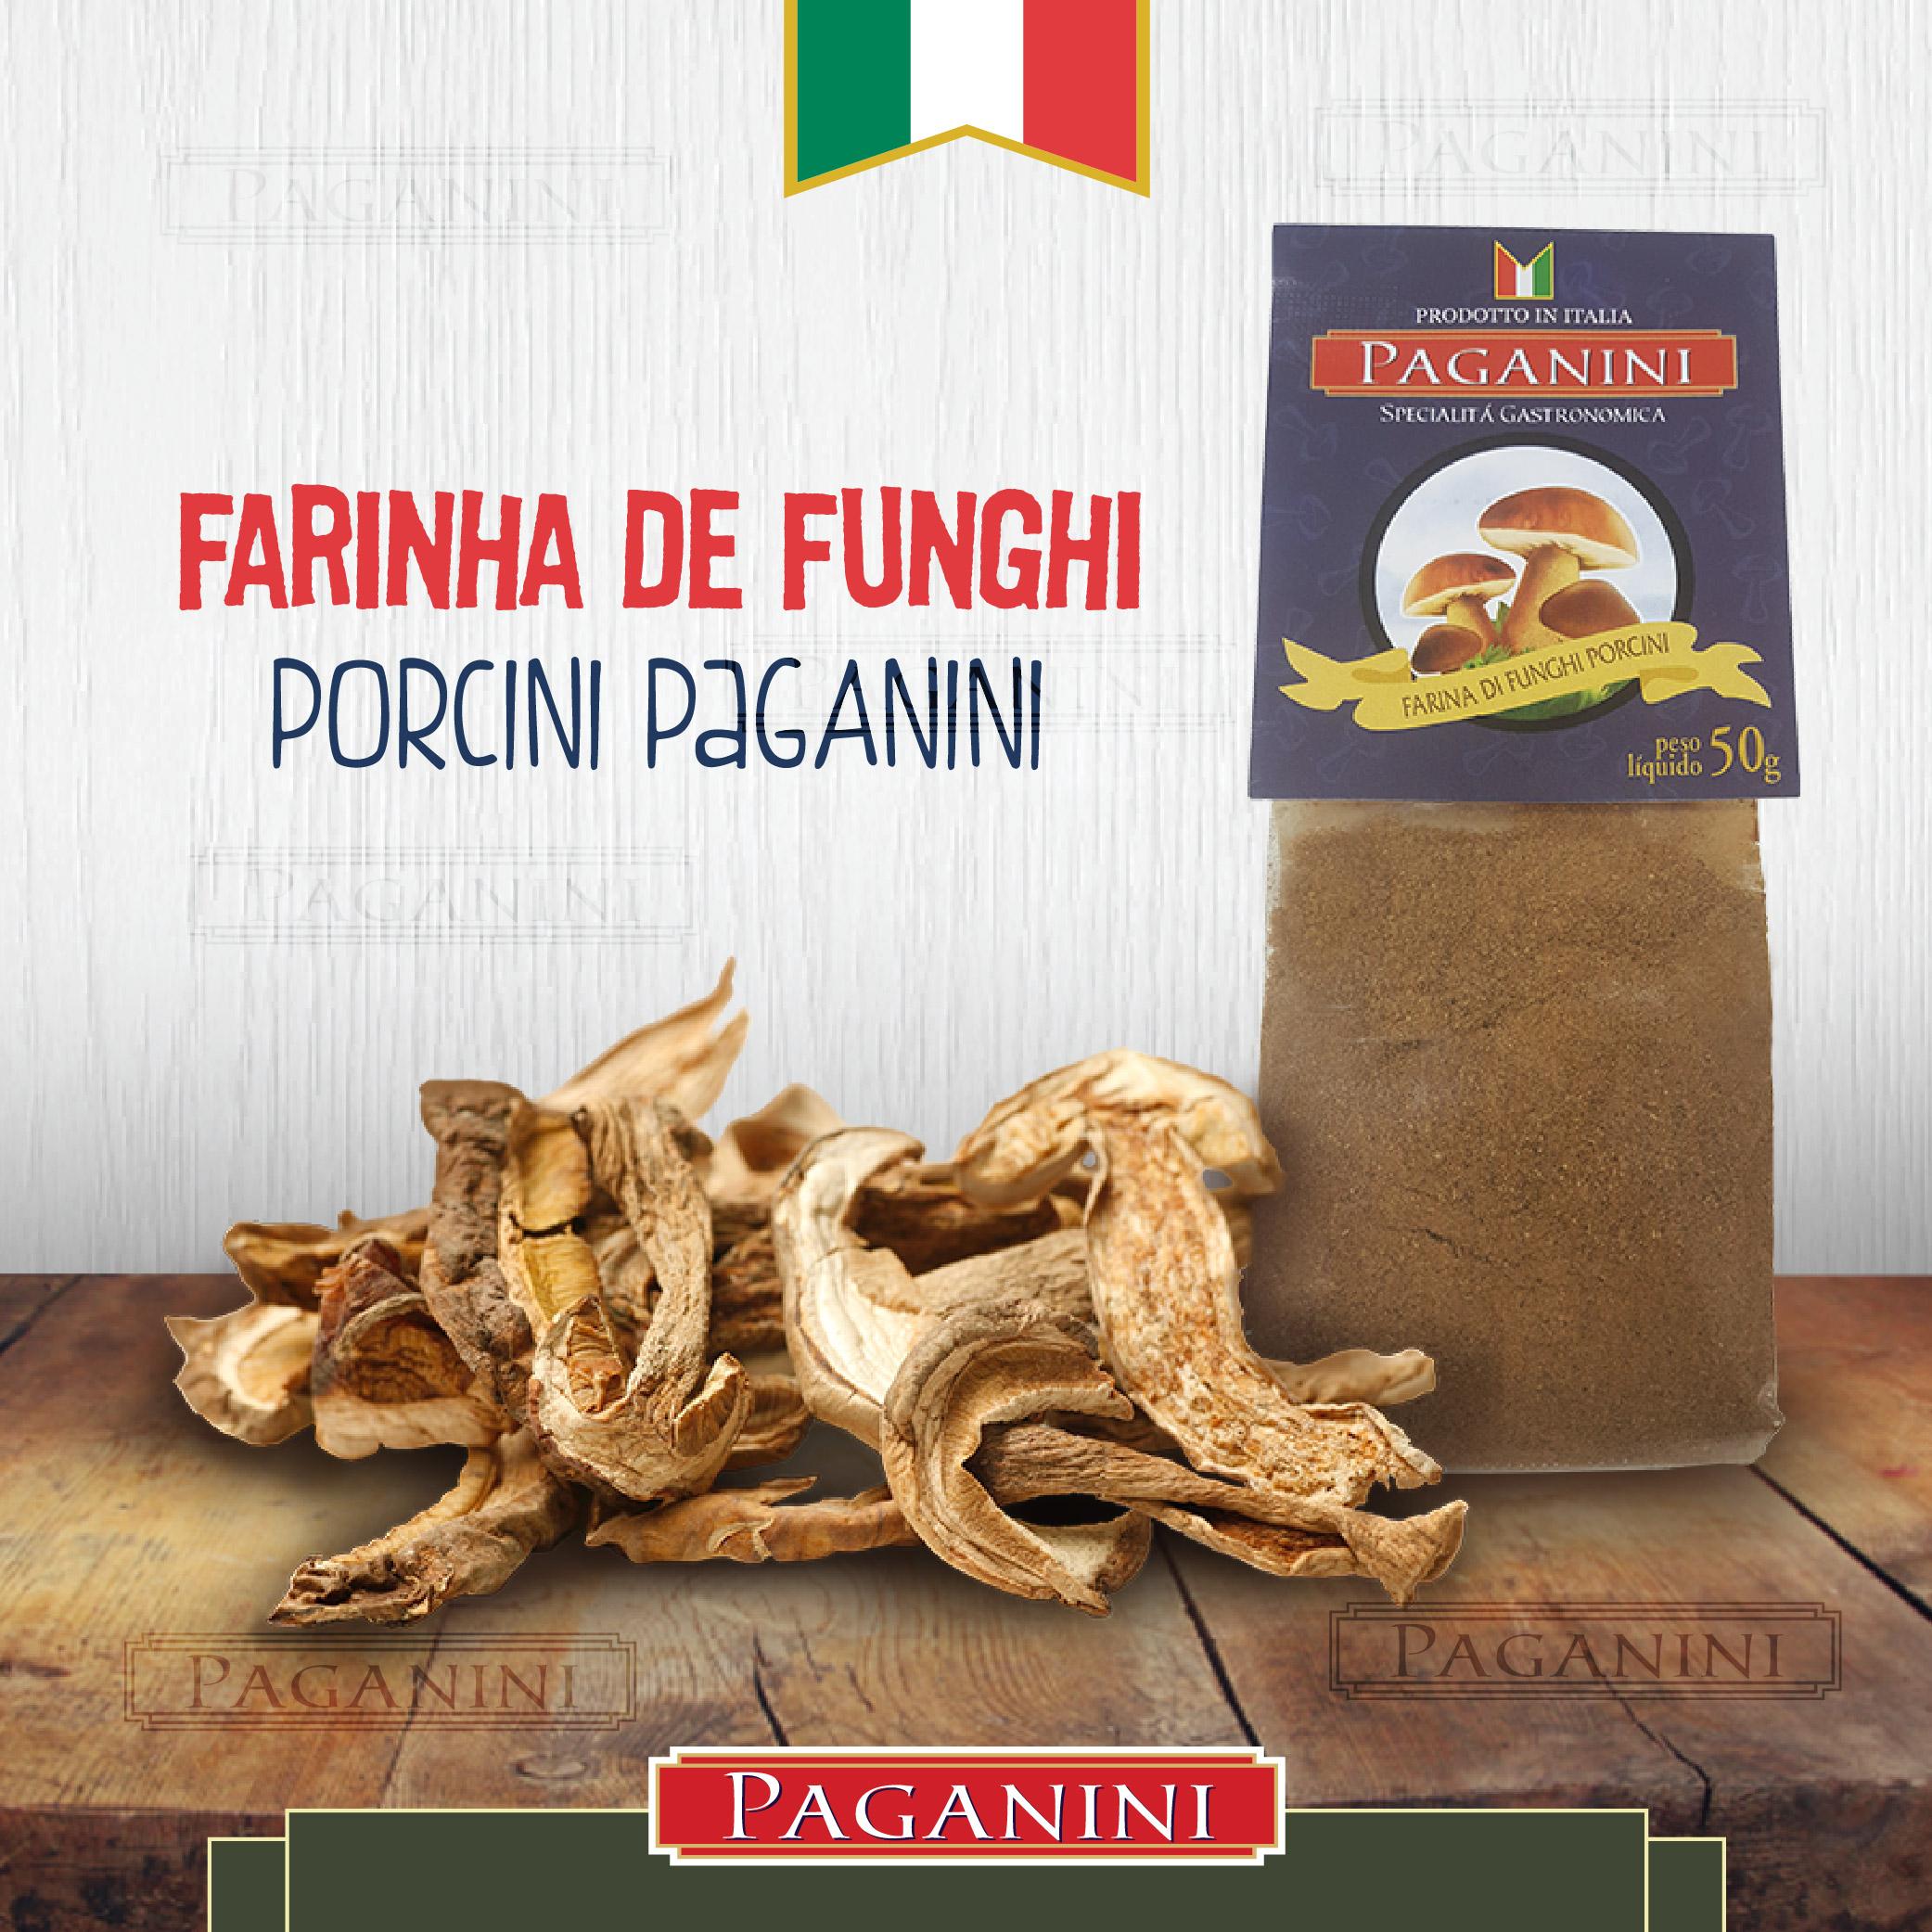 farinha de funghi porcini